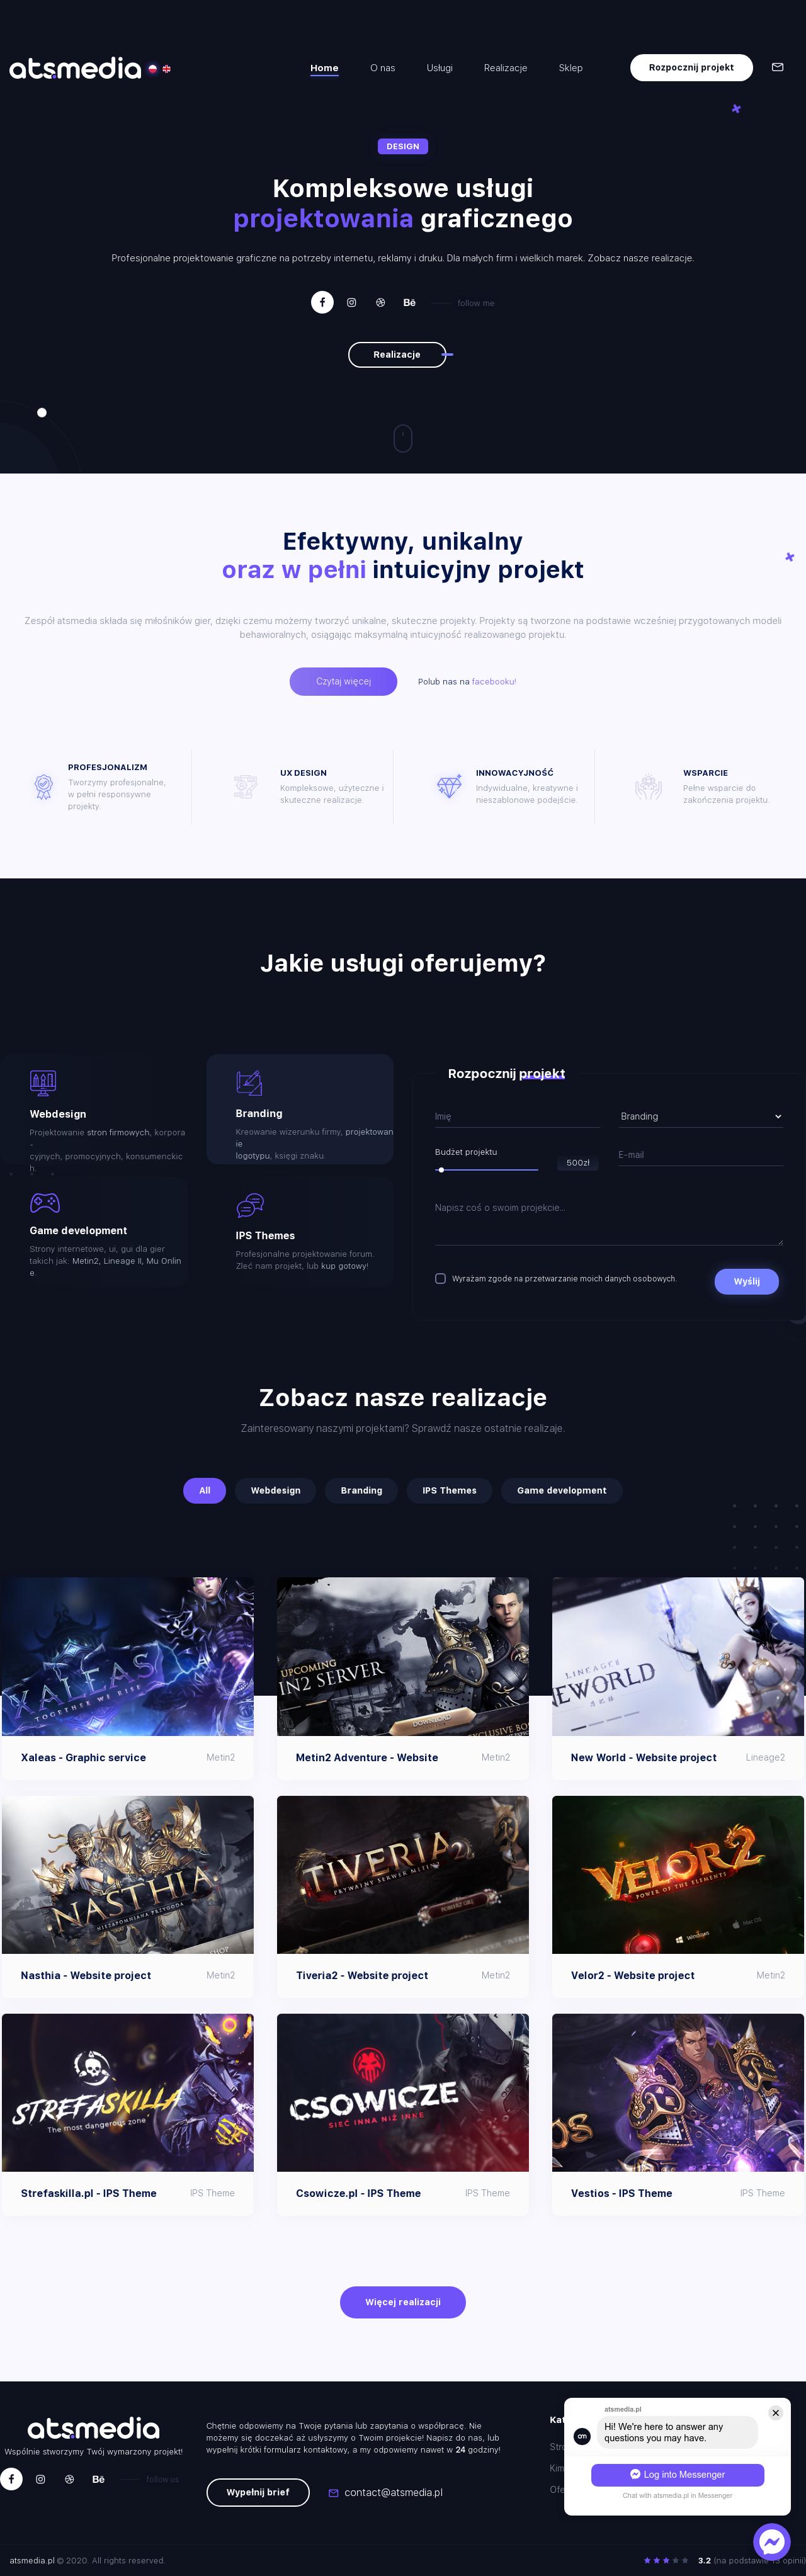 Projektowanie graficzne - atsmedia.pl.png